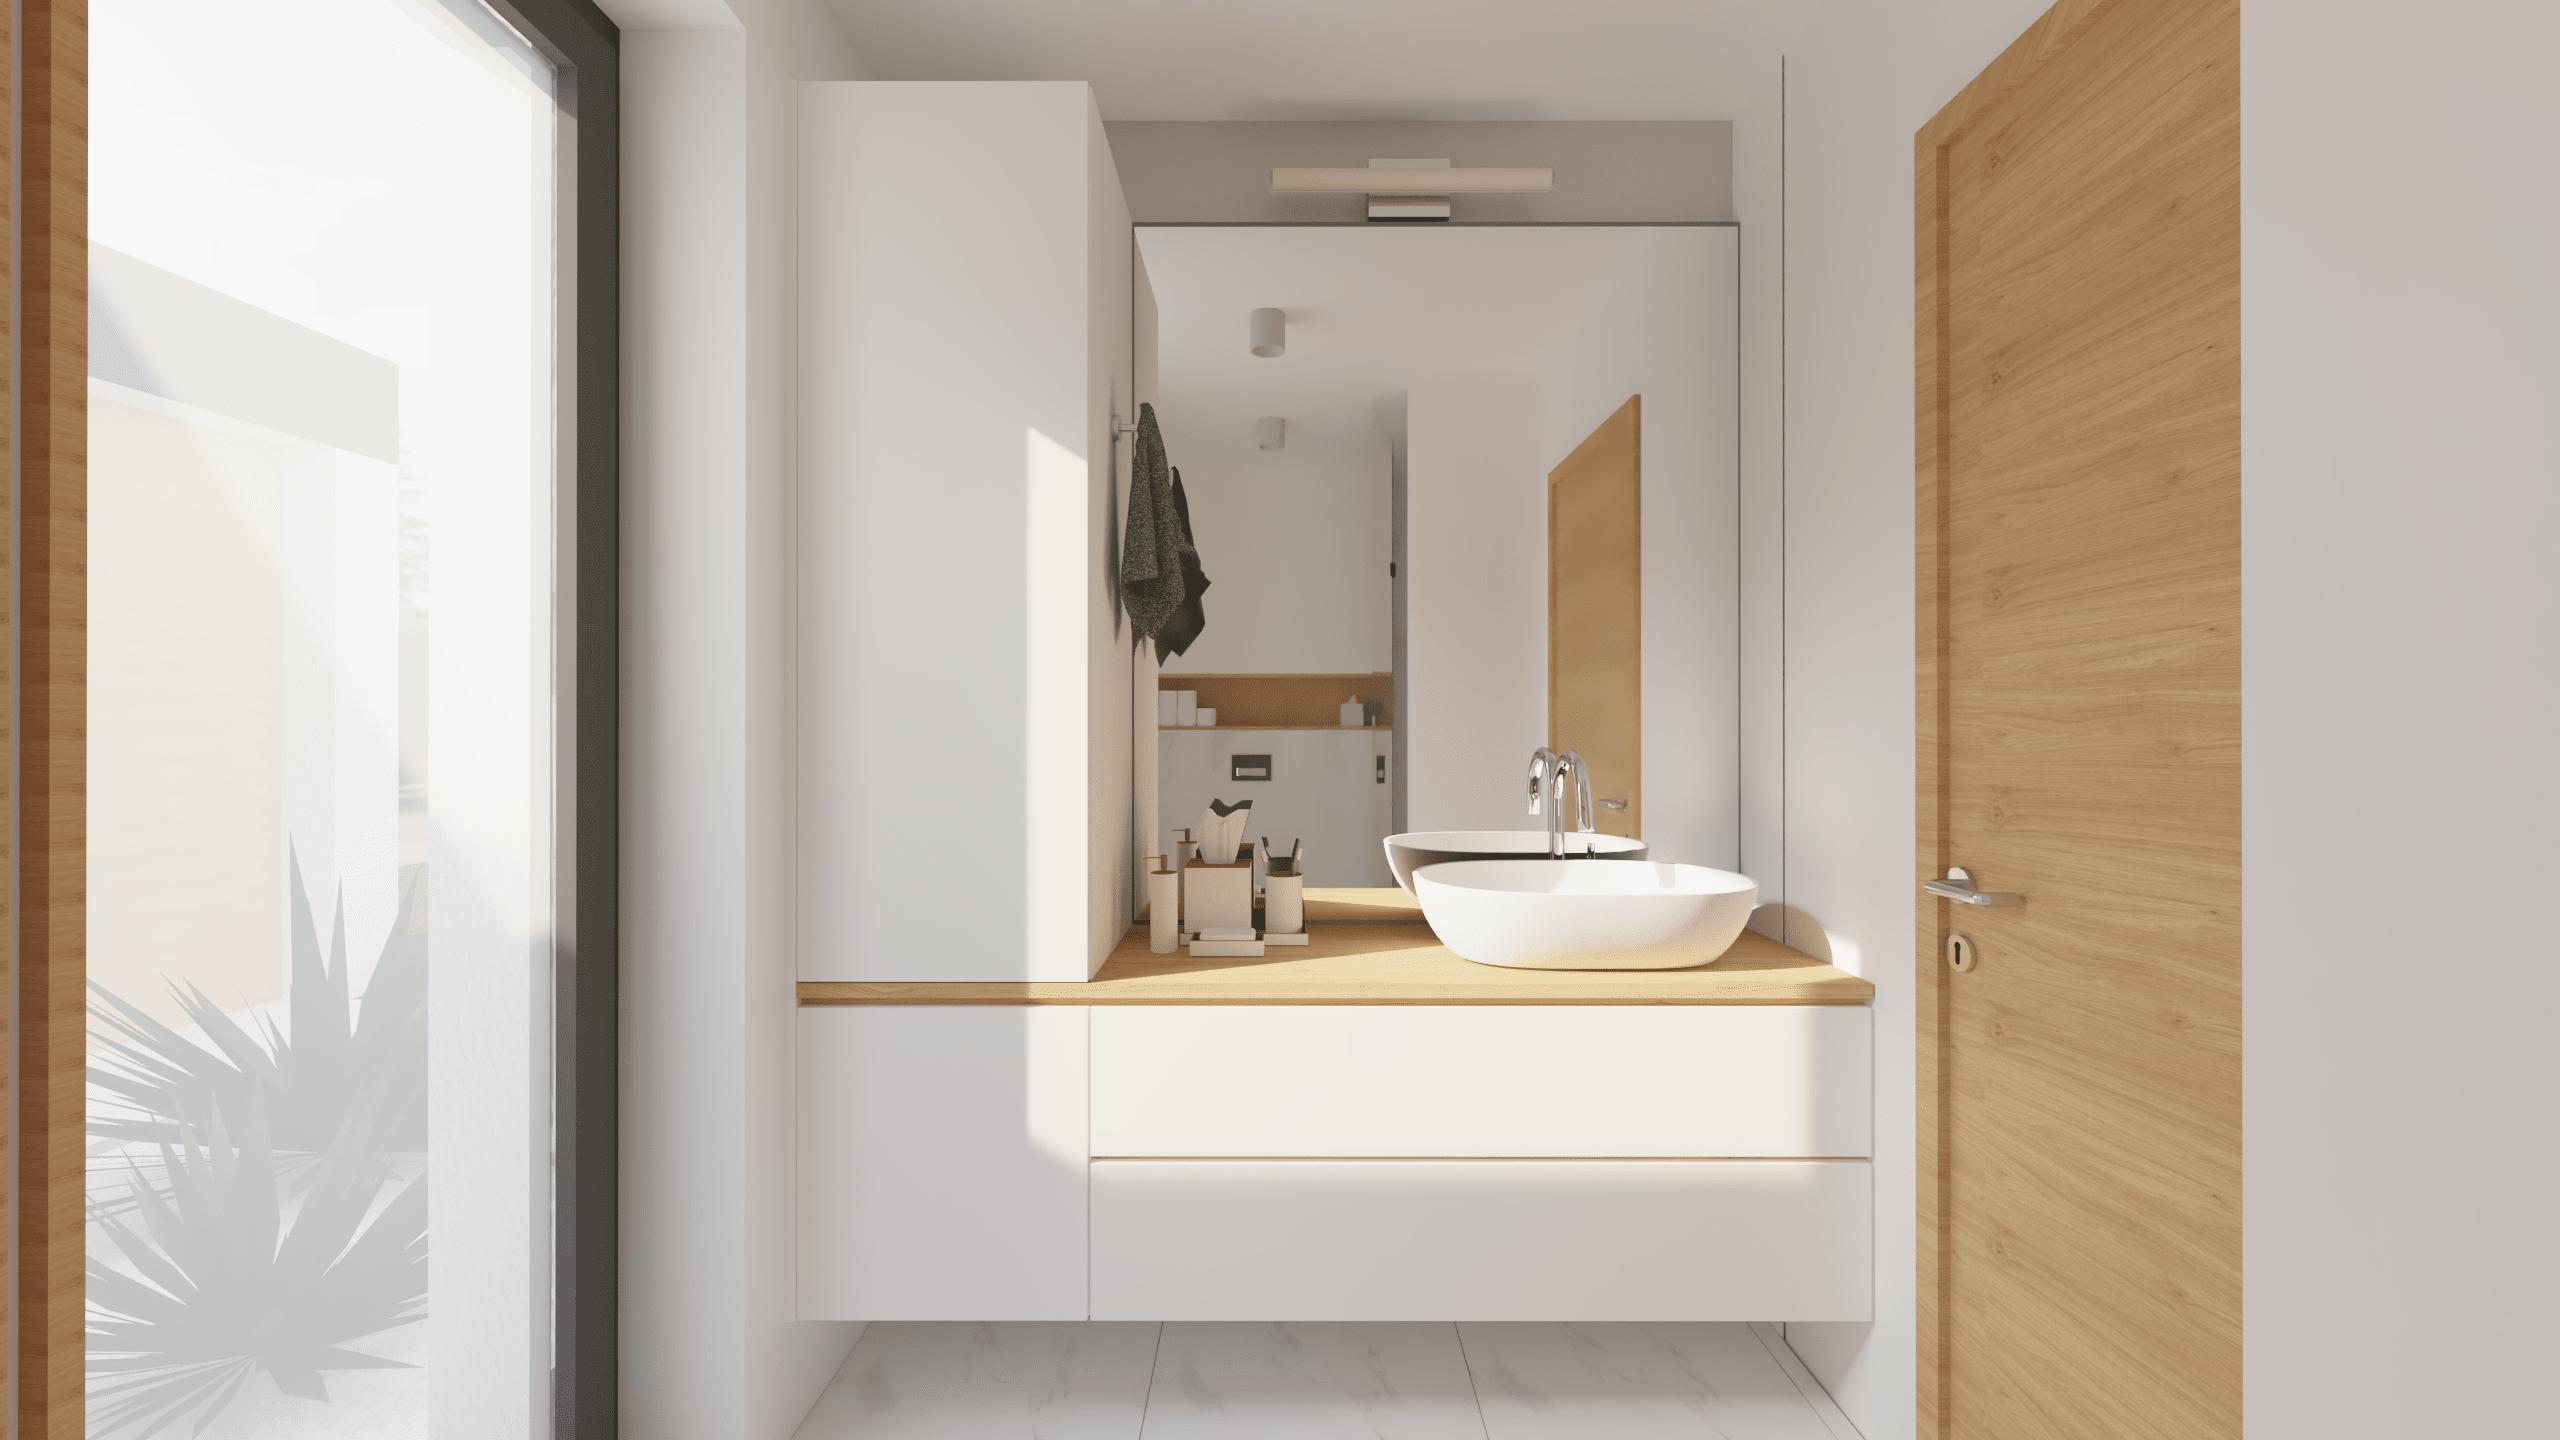 Kopalnica, pogled na umivalnik